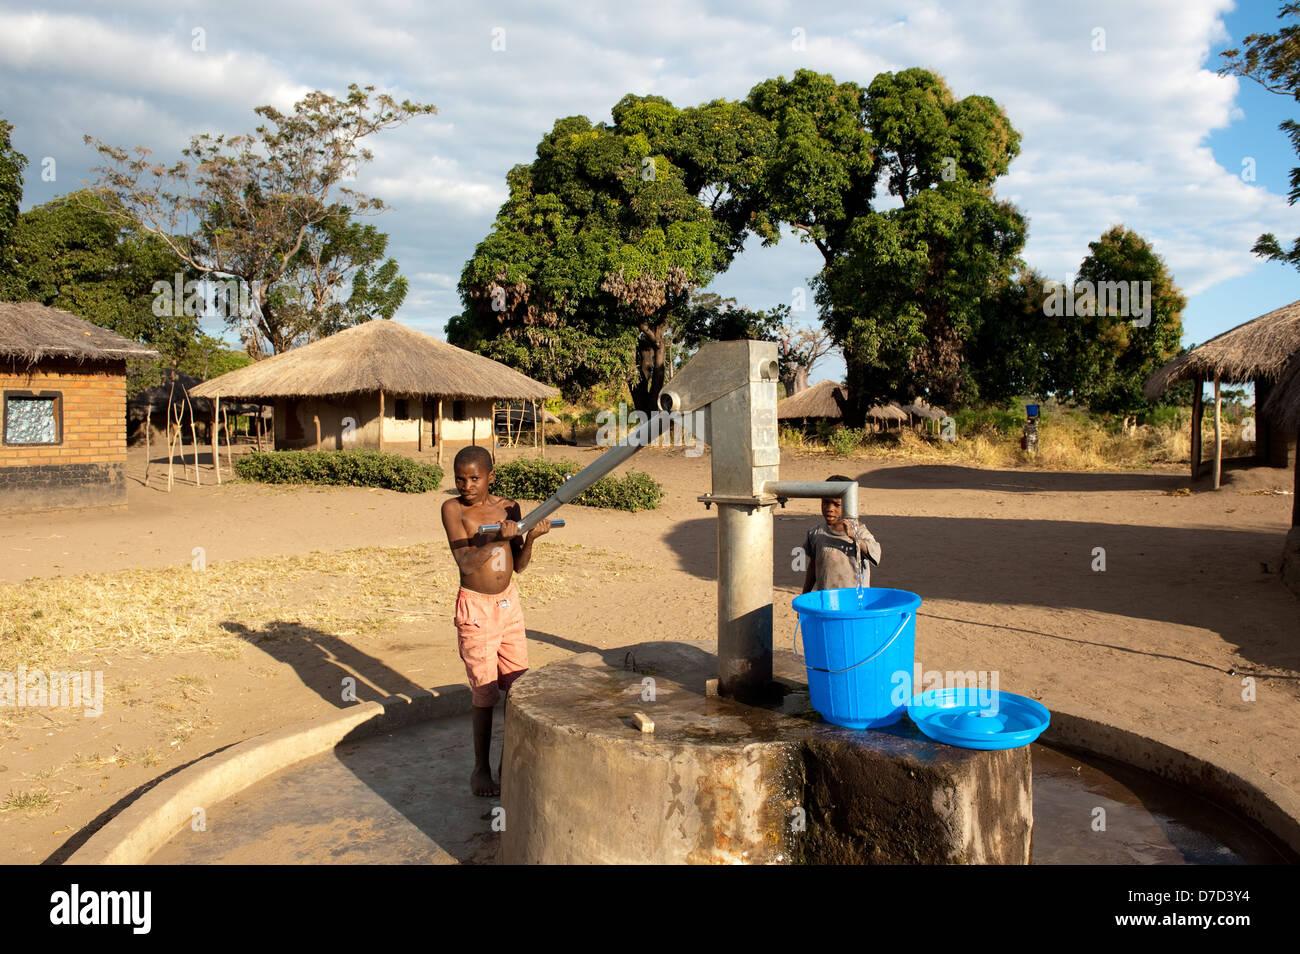 Junge Pumpen von Wasser aus einem Brunnen, See Niassa, Mosambik Stockbild